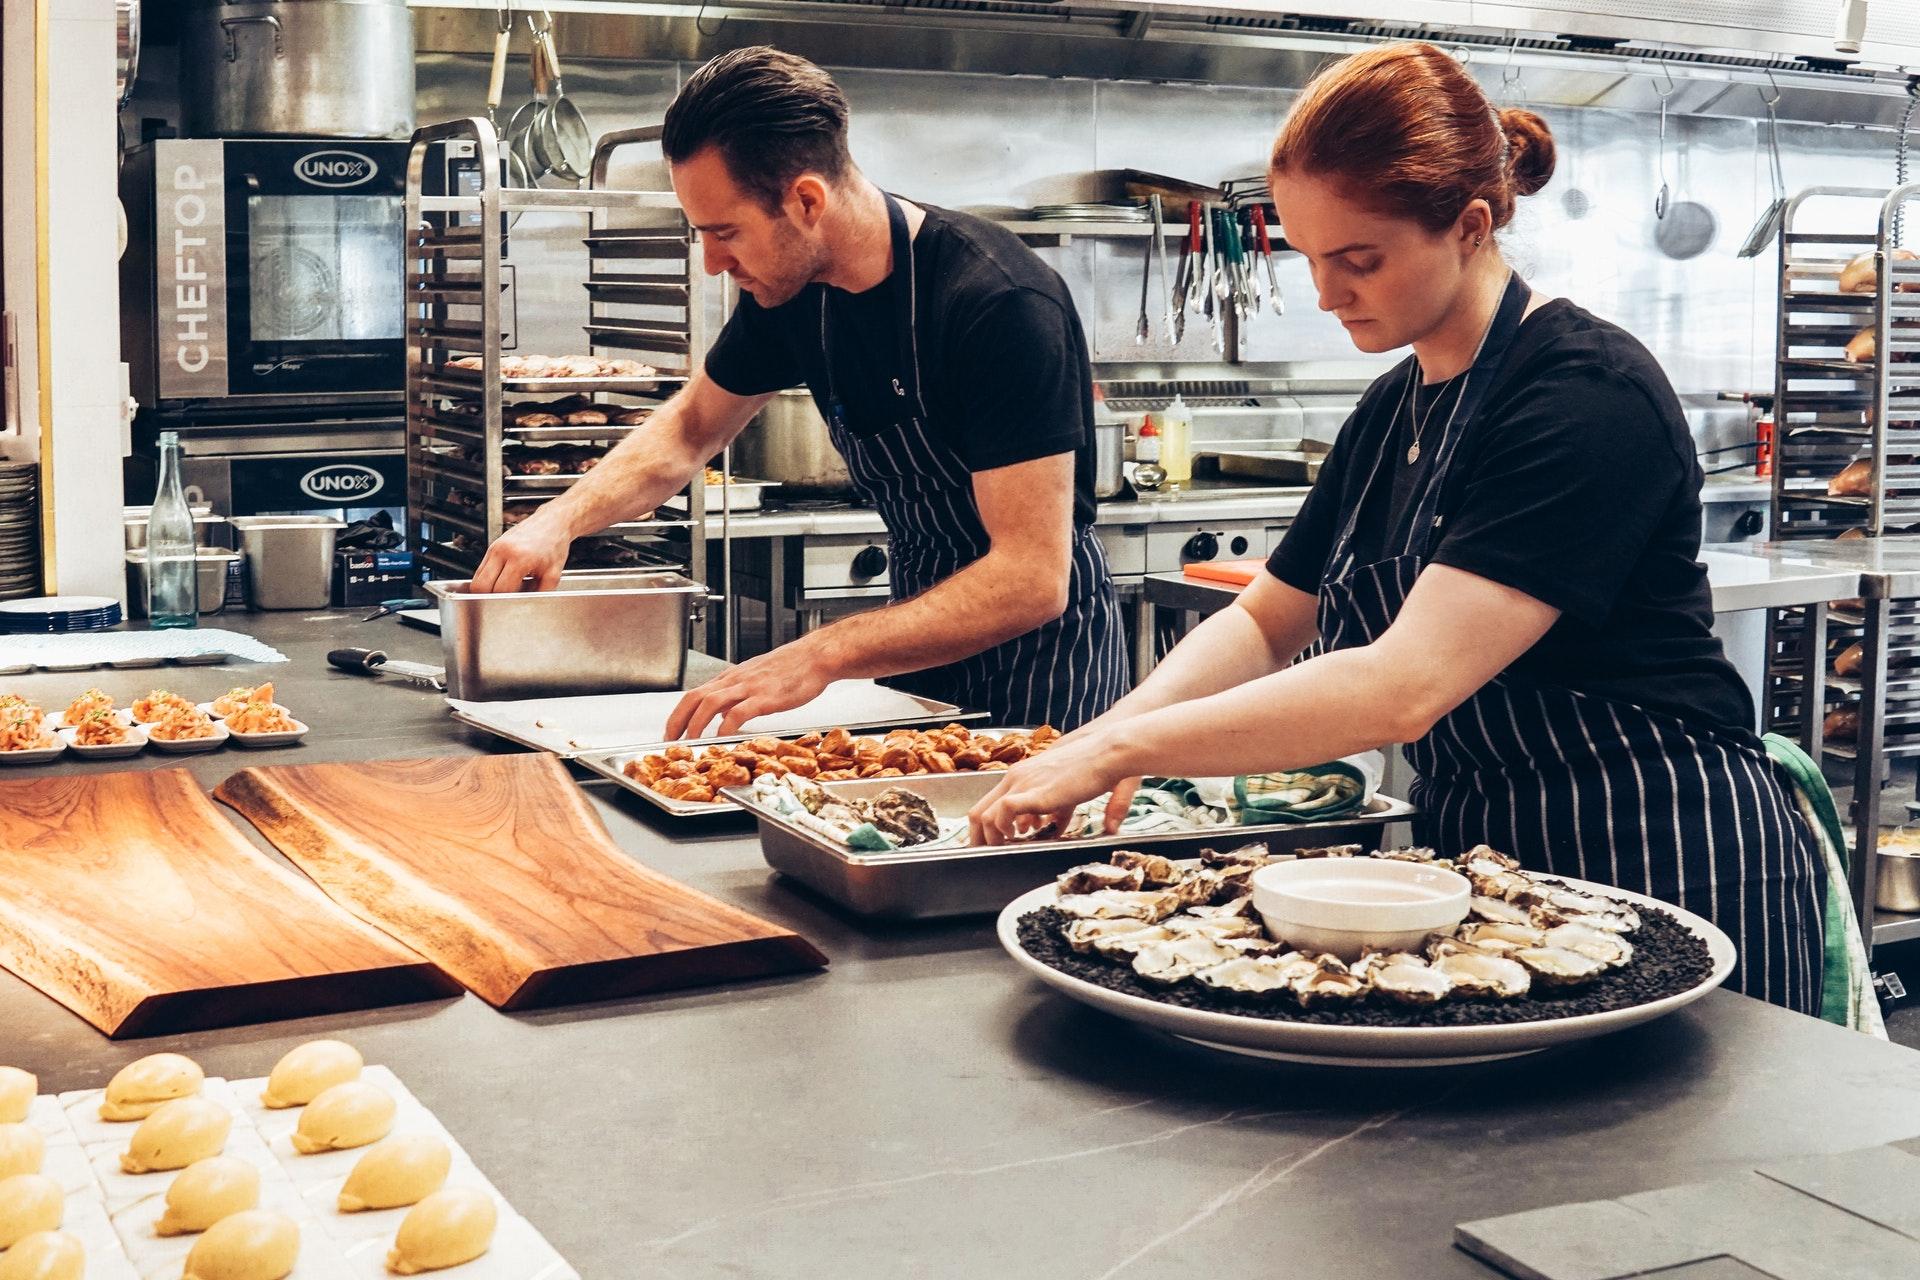 Foto von Elle Hughes von Pexels zeigt einen Einblick in eine Restaurantküche.